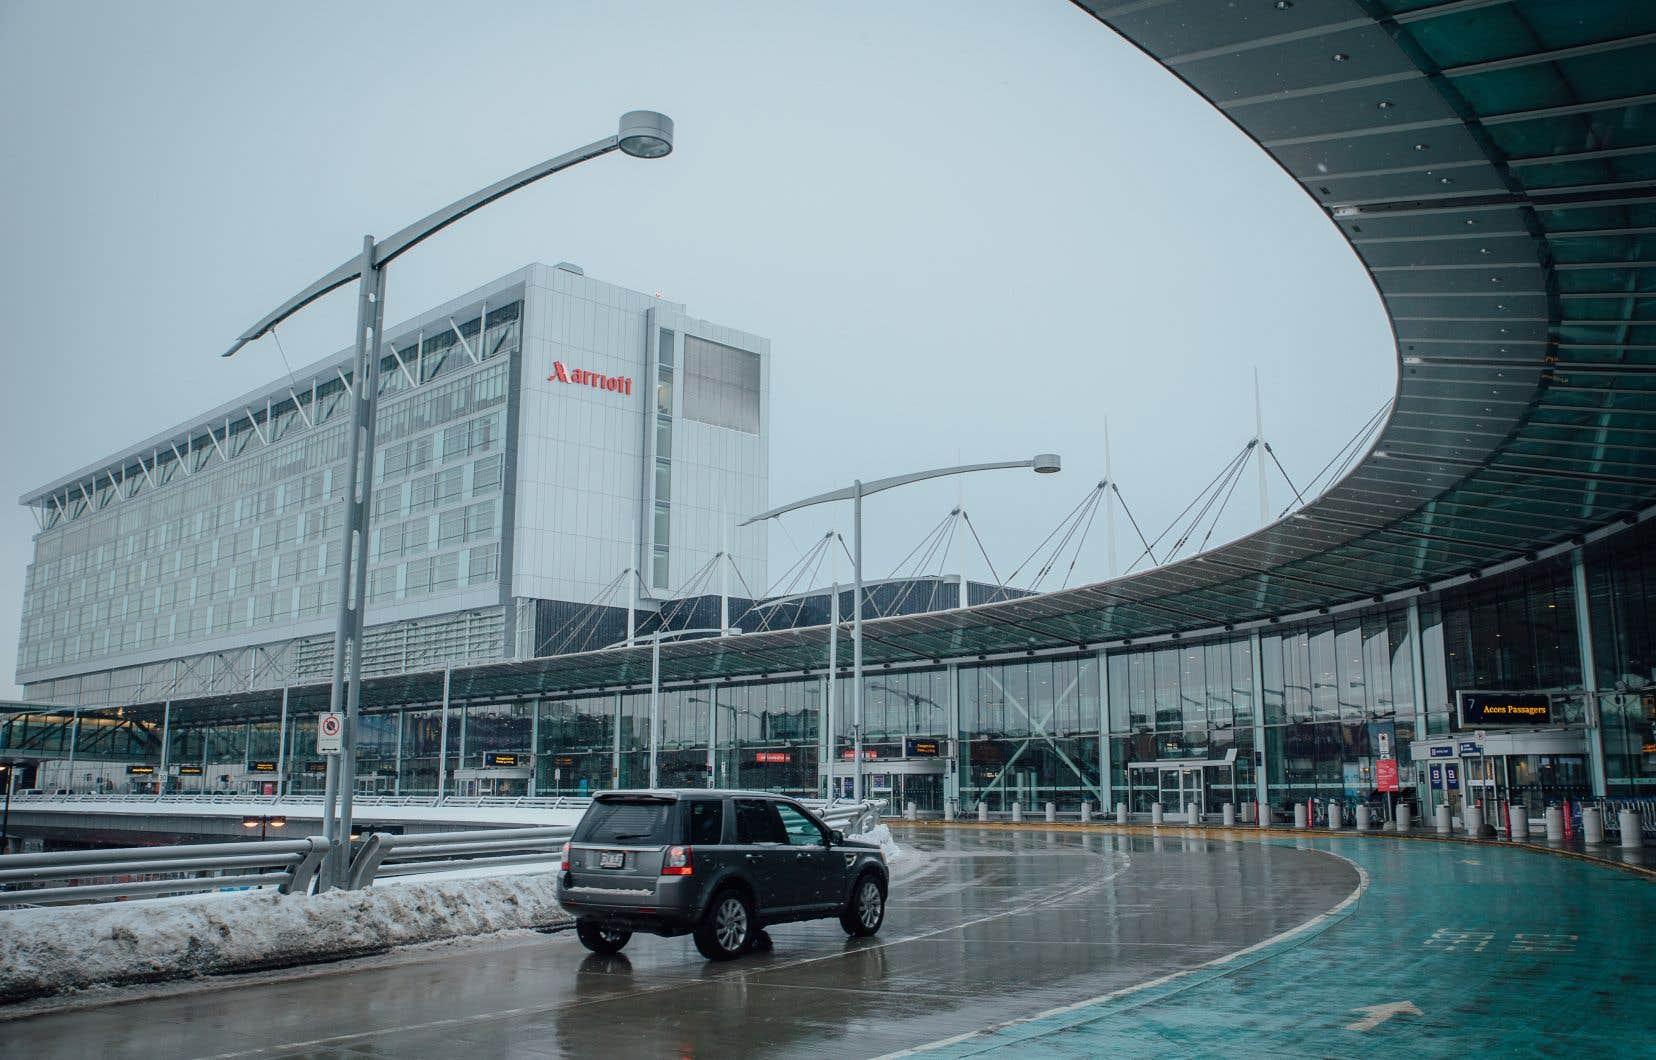 À leur arrivée au Canada, dans un des quatre aéroports internationaux désignés par le gouvernement fédéral, les voyageurs sont tenus de présenter leur plan de quarantaine aux agents frontaliers avant de se rendre à leur hôtel de quarantaine.